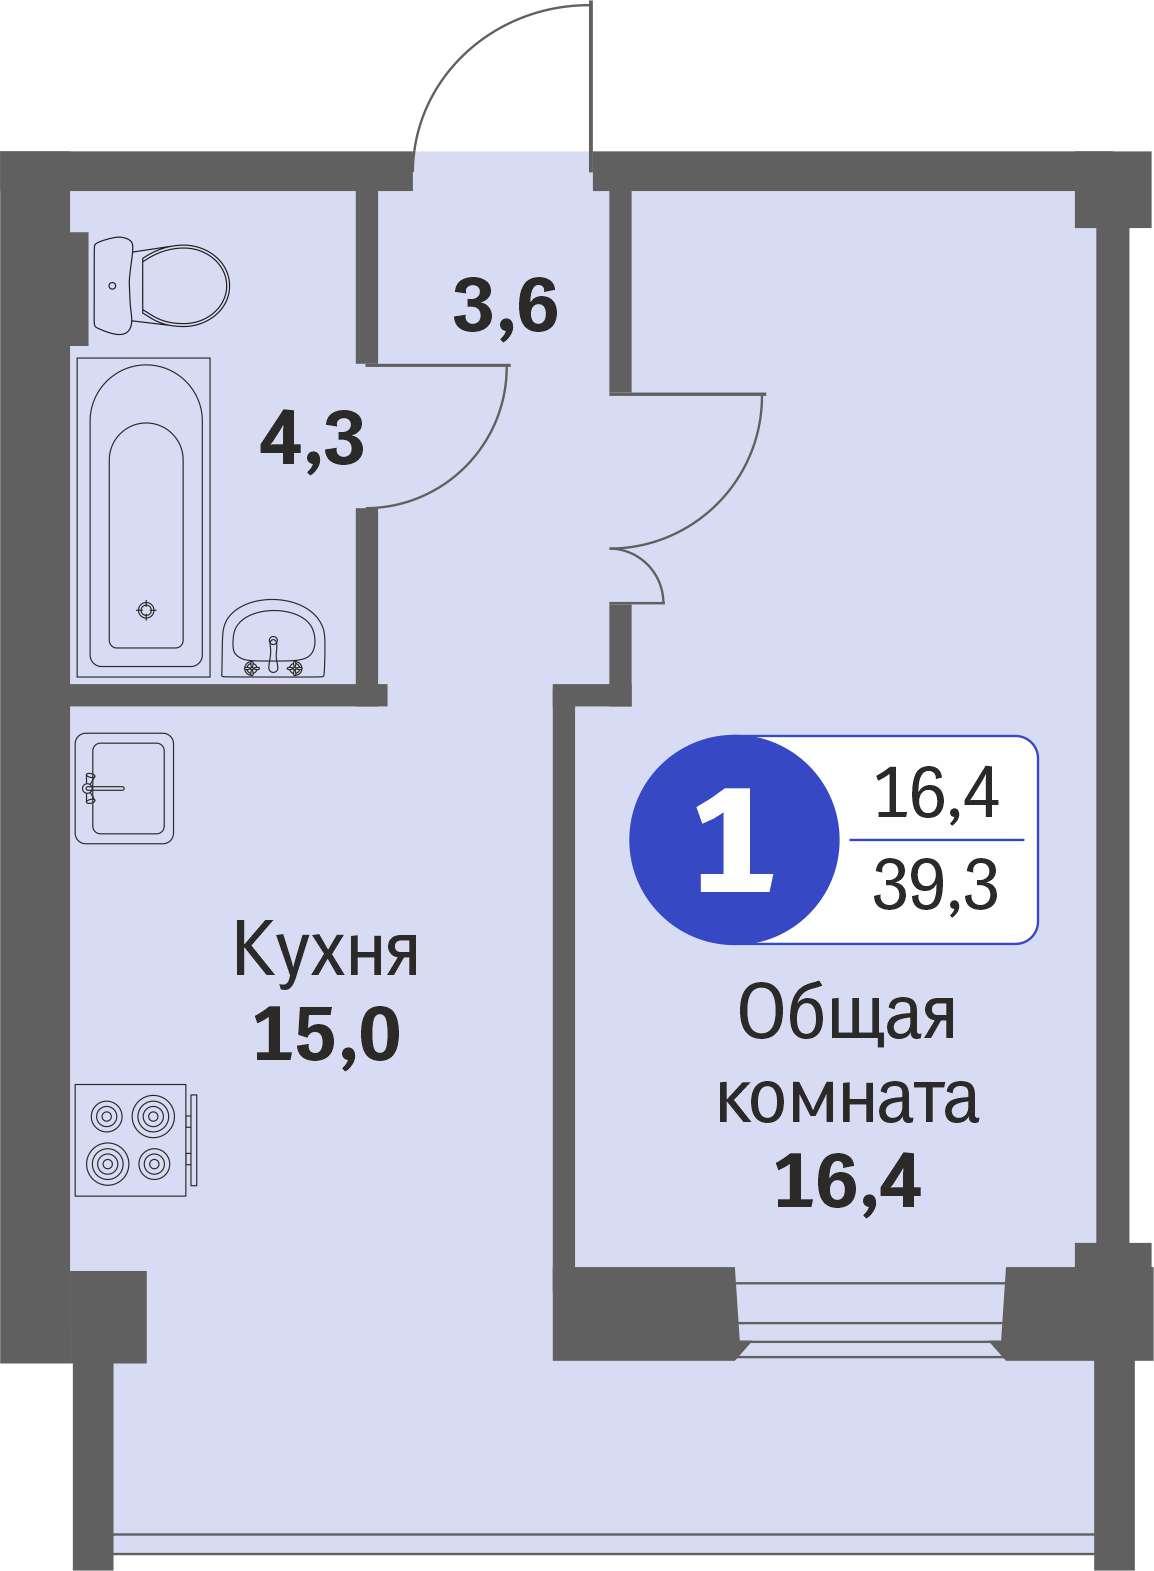 ул. Свиридова д.8, квартира 64 - Однокомнатная